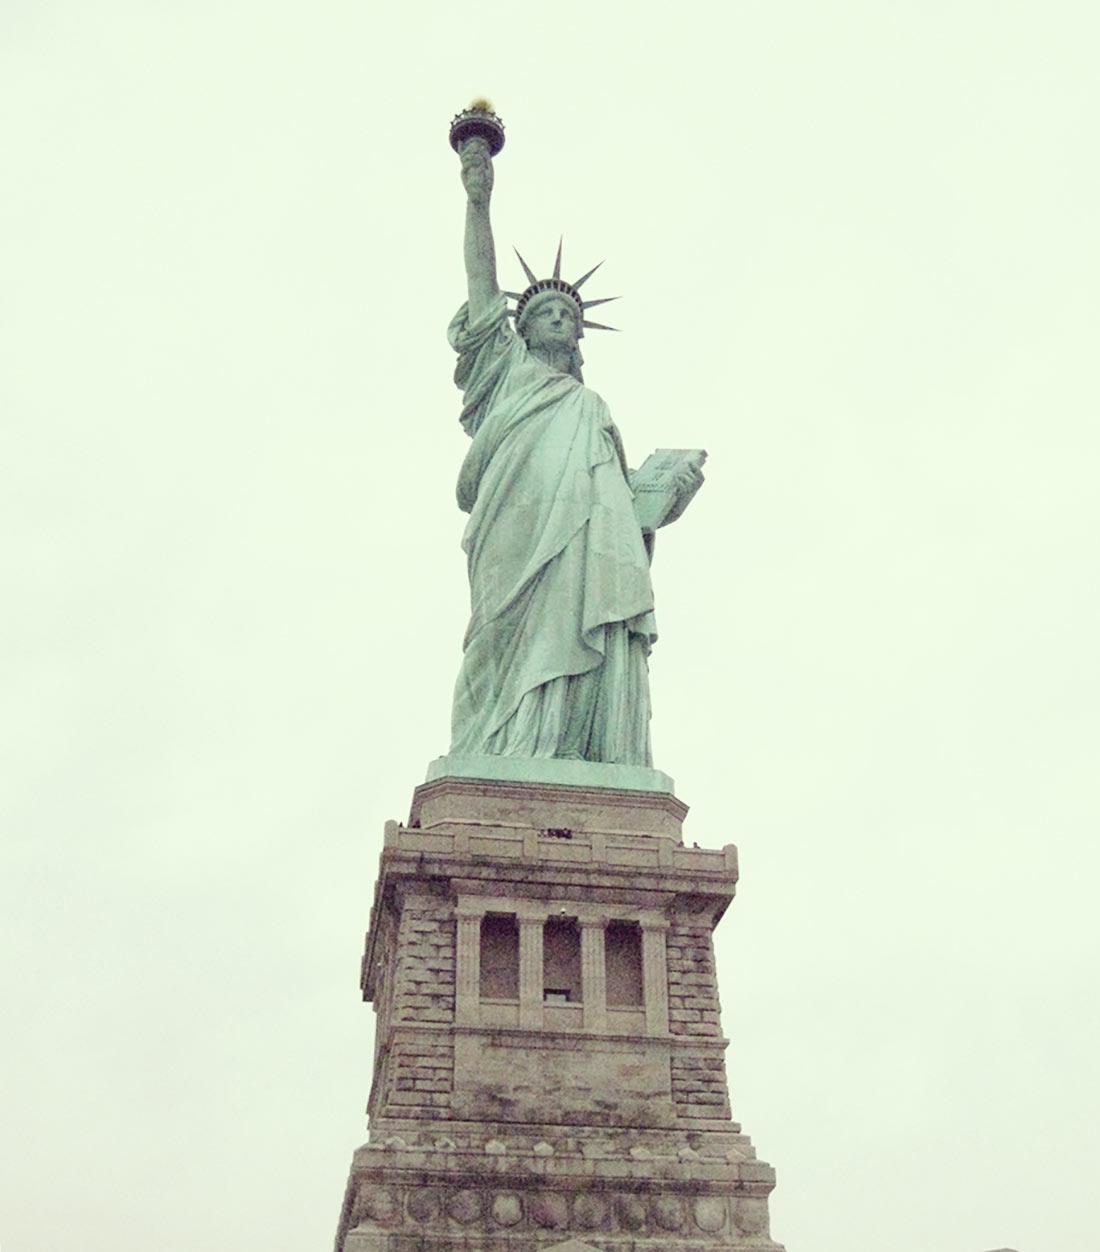 Vista de la Estatua de la libertad